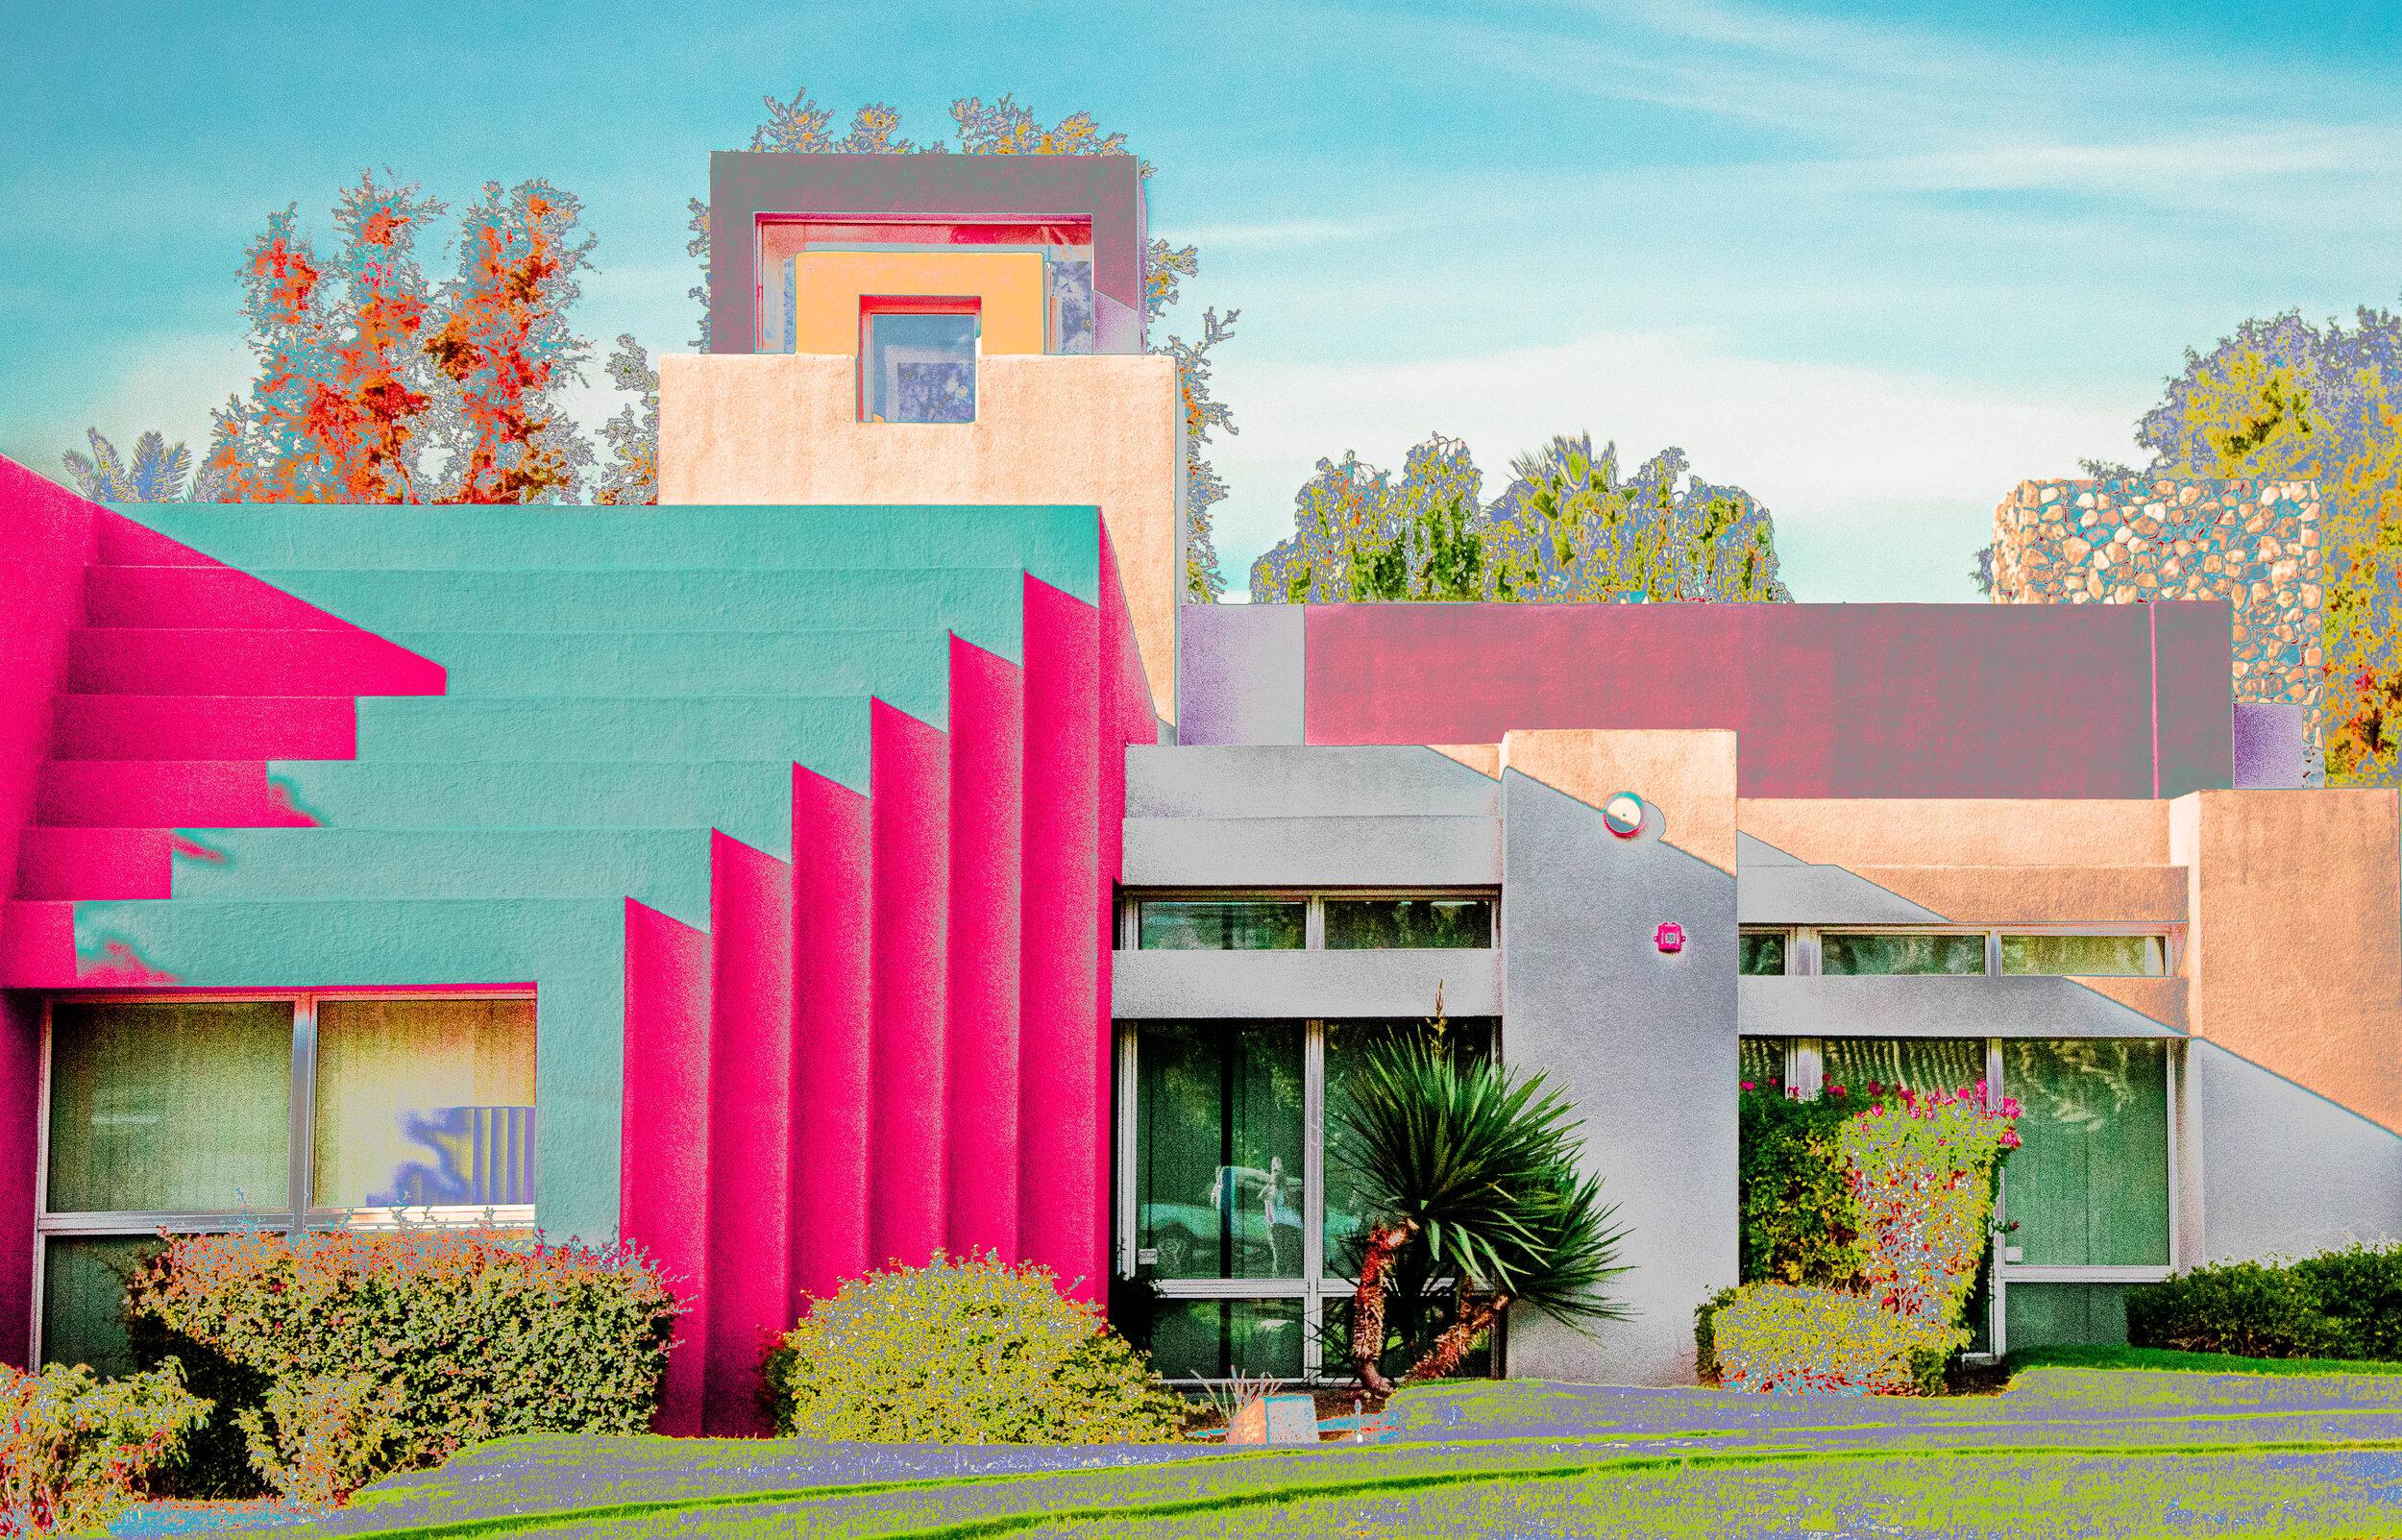 Maisel Senior Center